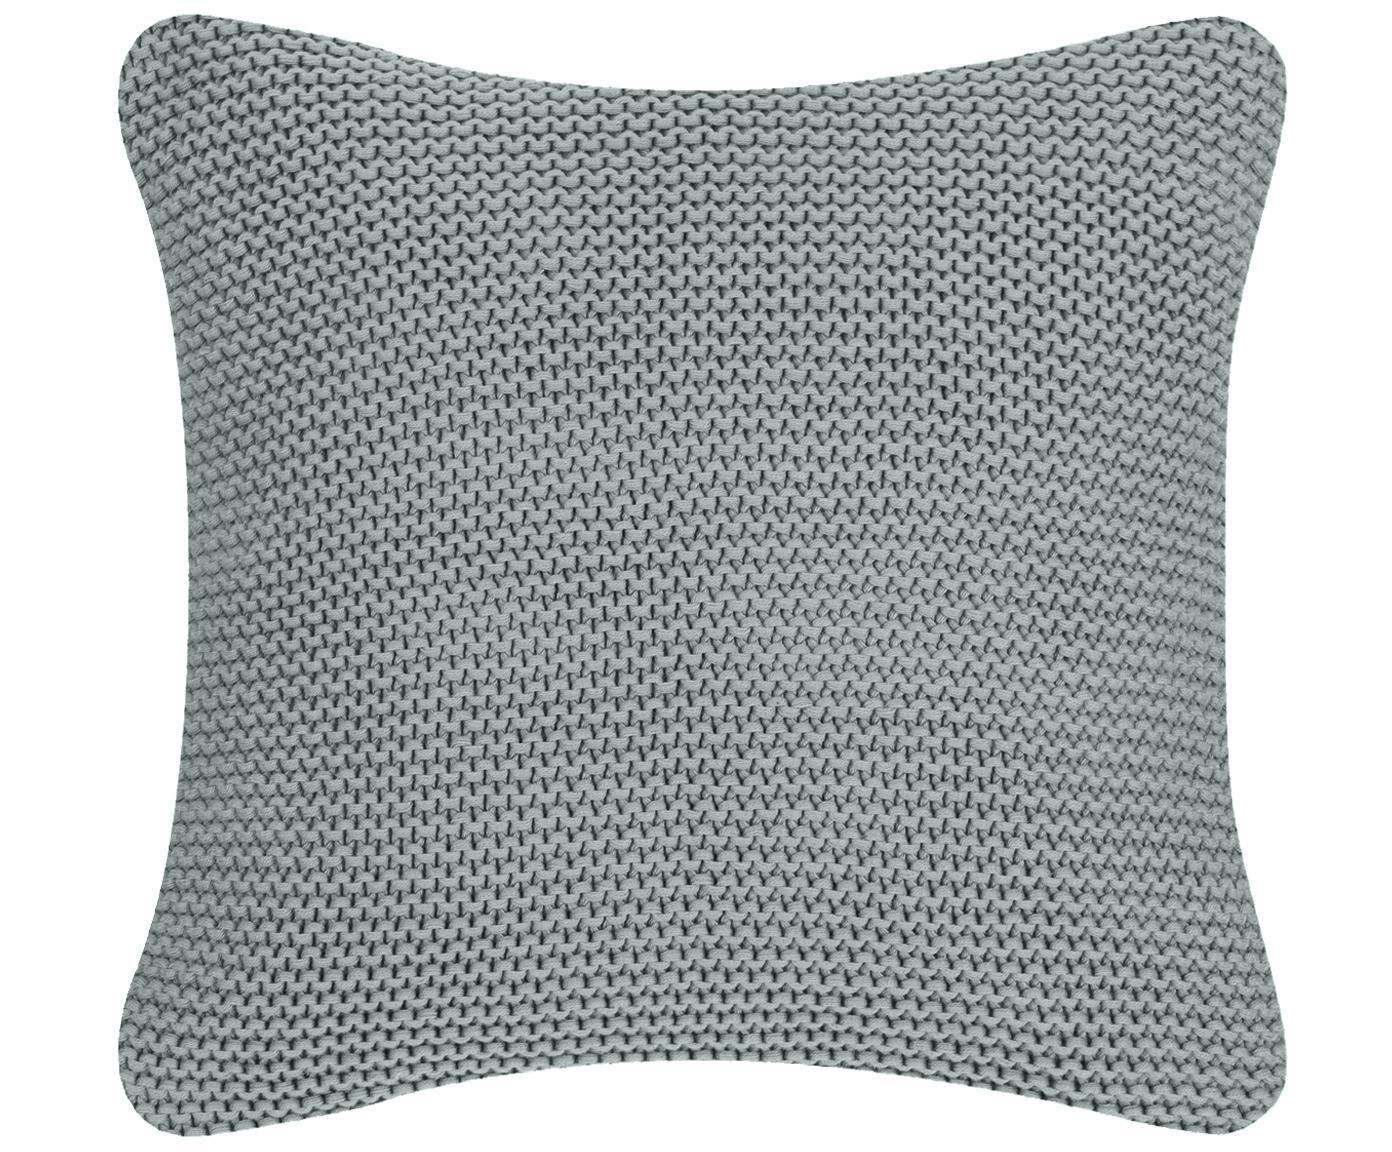 Strick-Kissenhülle Adalyn in Salbeigrün, 100% Baumwolle, Salbeigrün, 40 x 40 cm